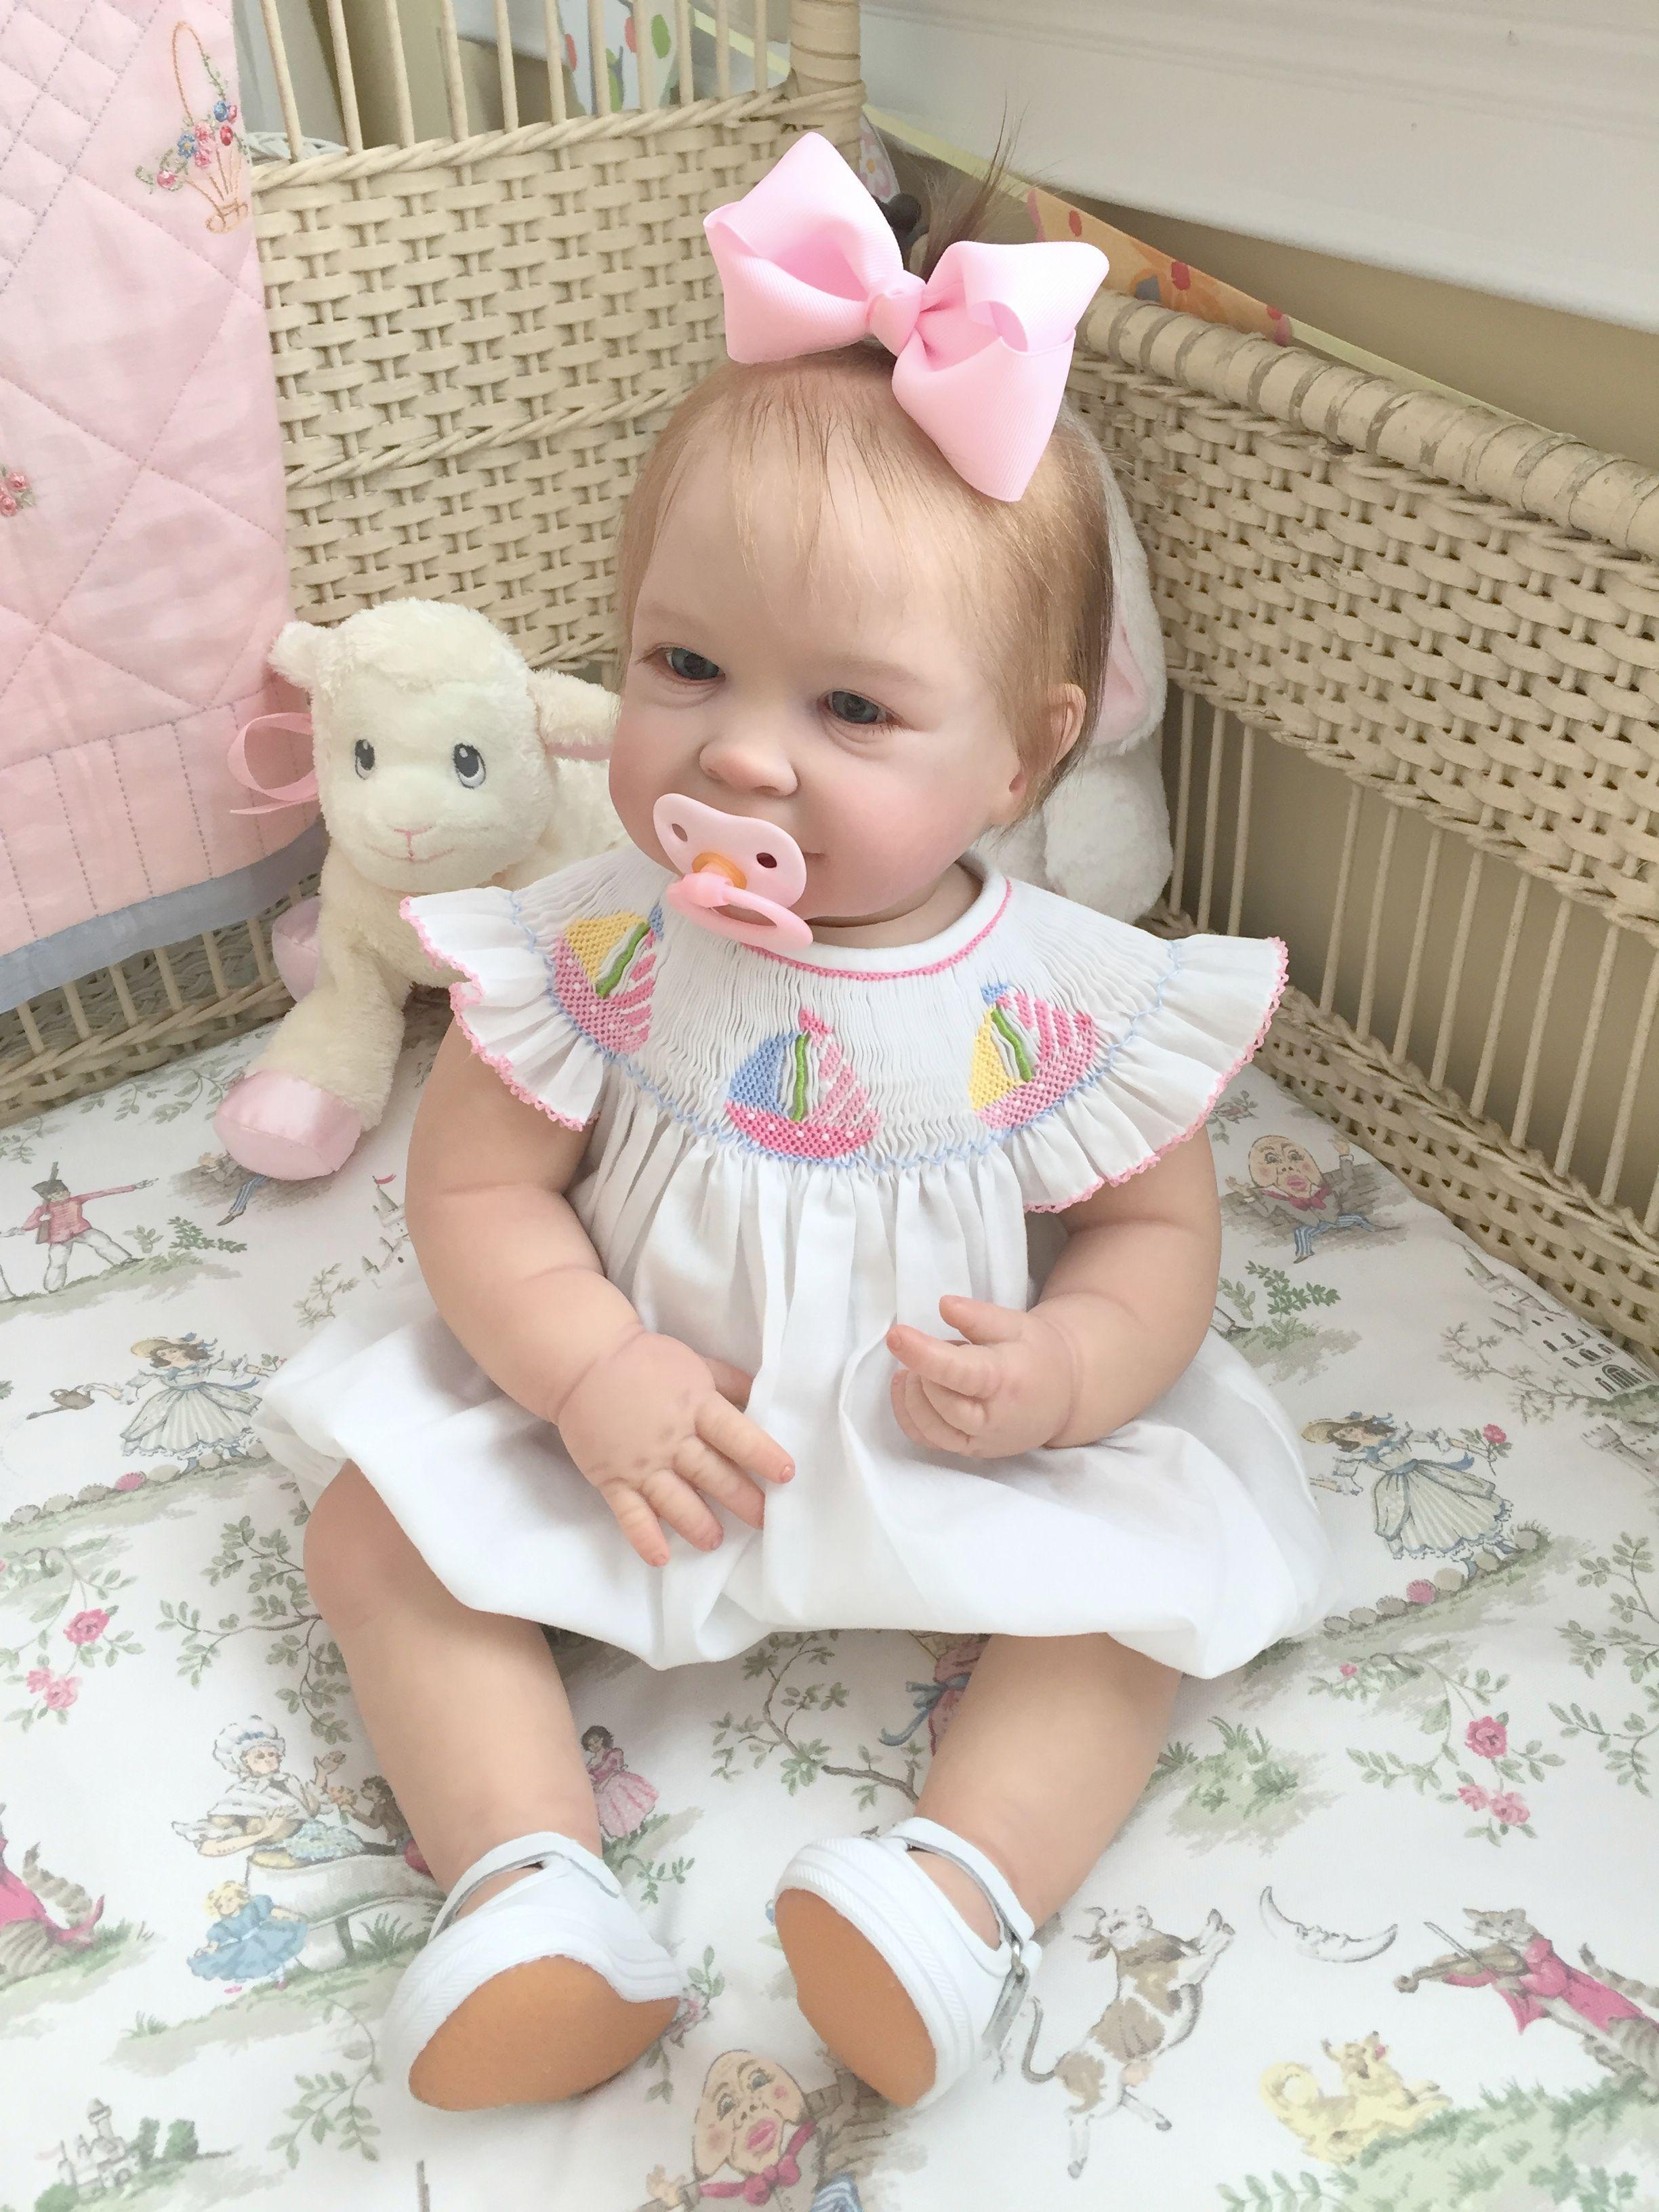 f8f7cb040 Bebê Reborn Recém Nascido · OMG she s adorable!!! Bonecas Fofas